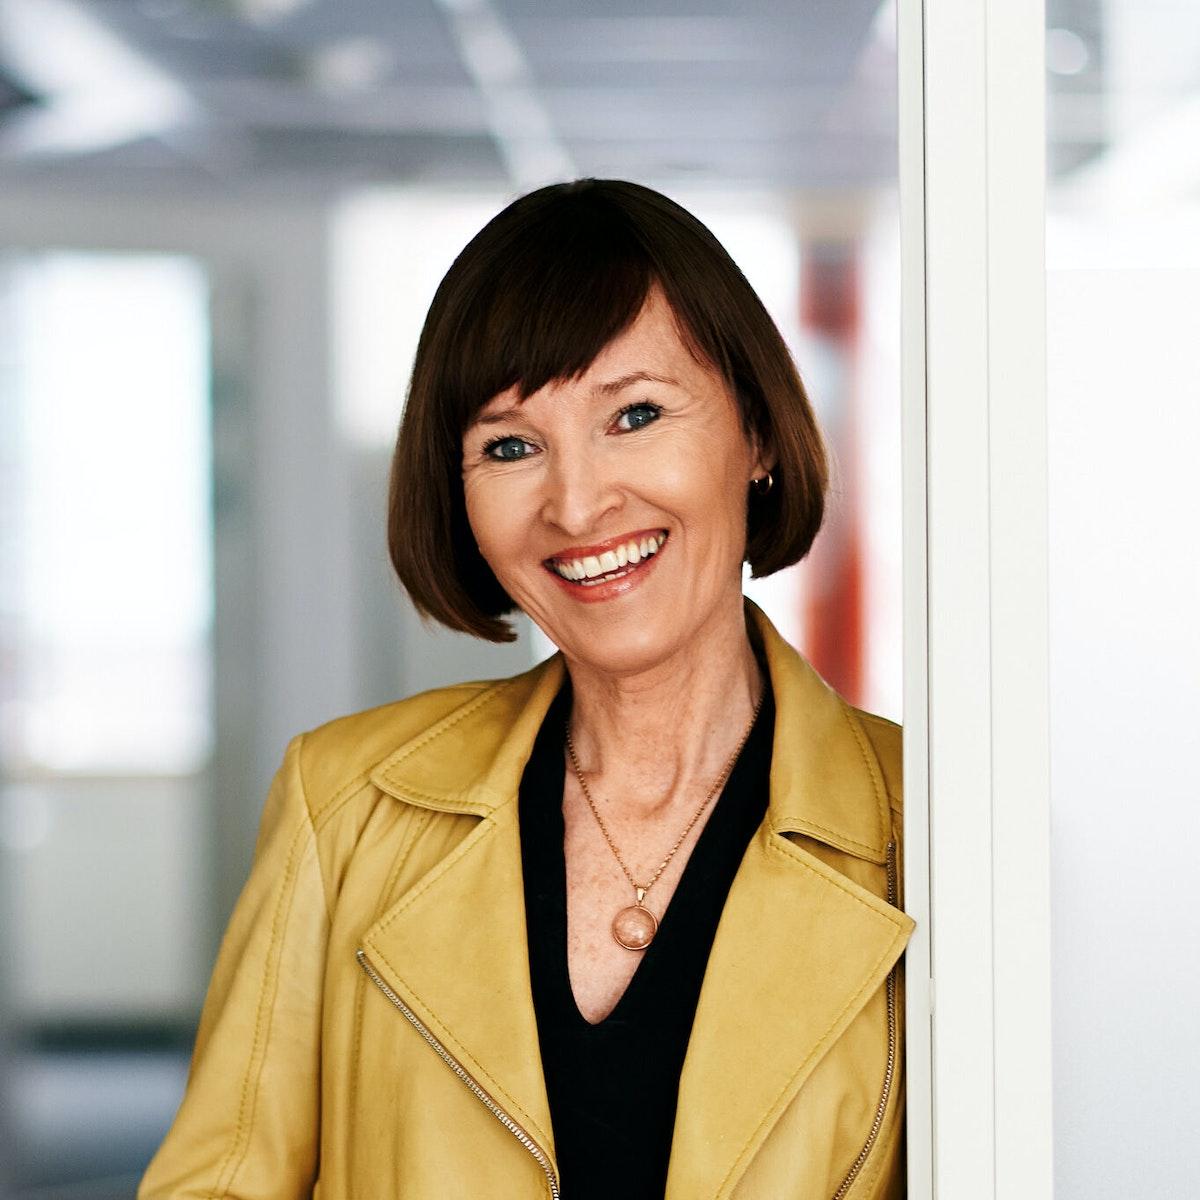 ASV HR Huset portretter web 05